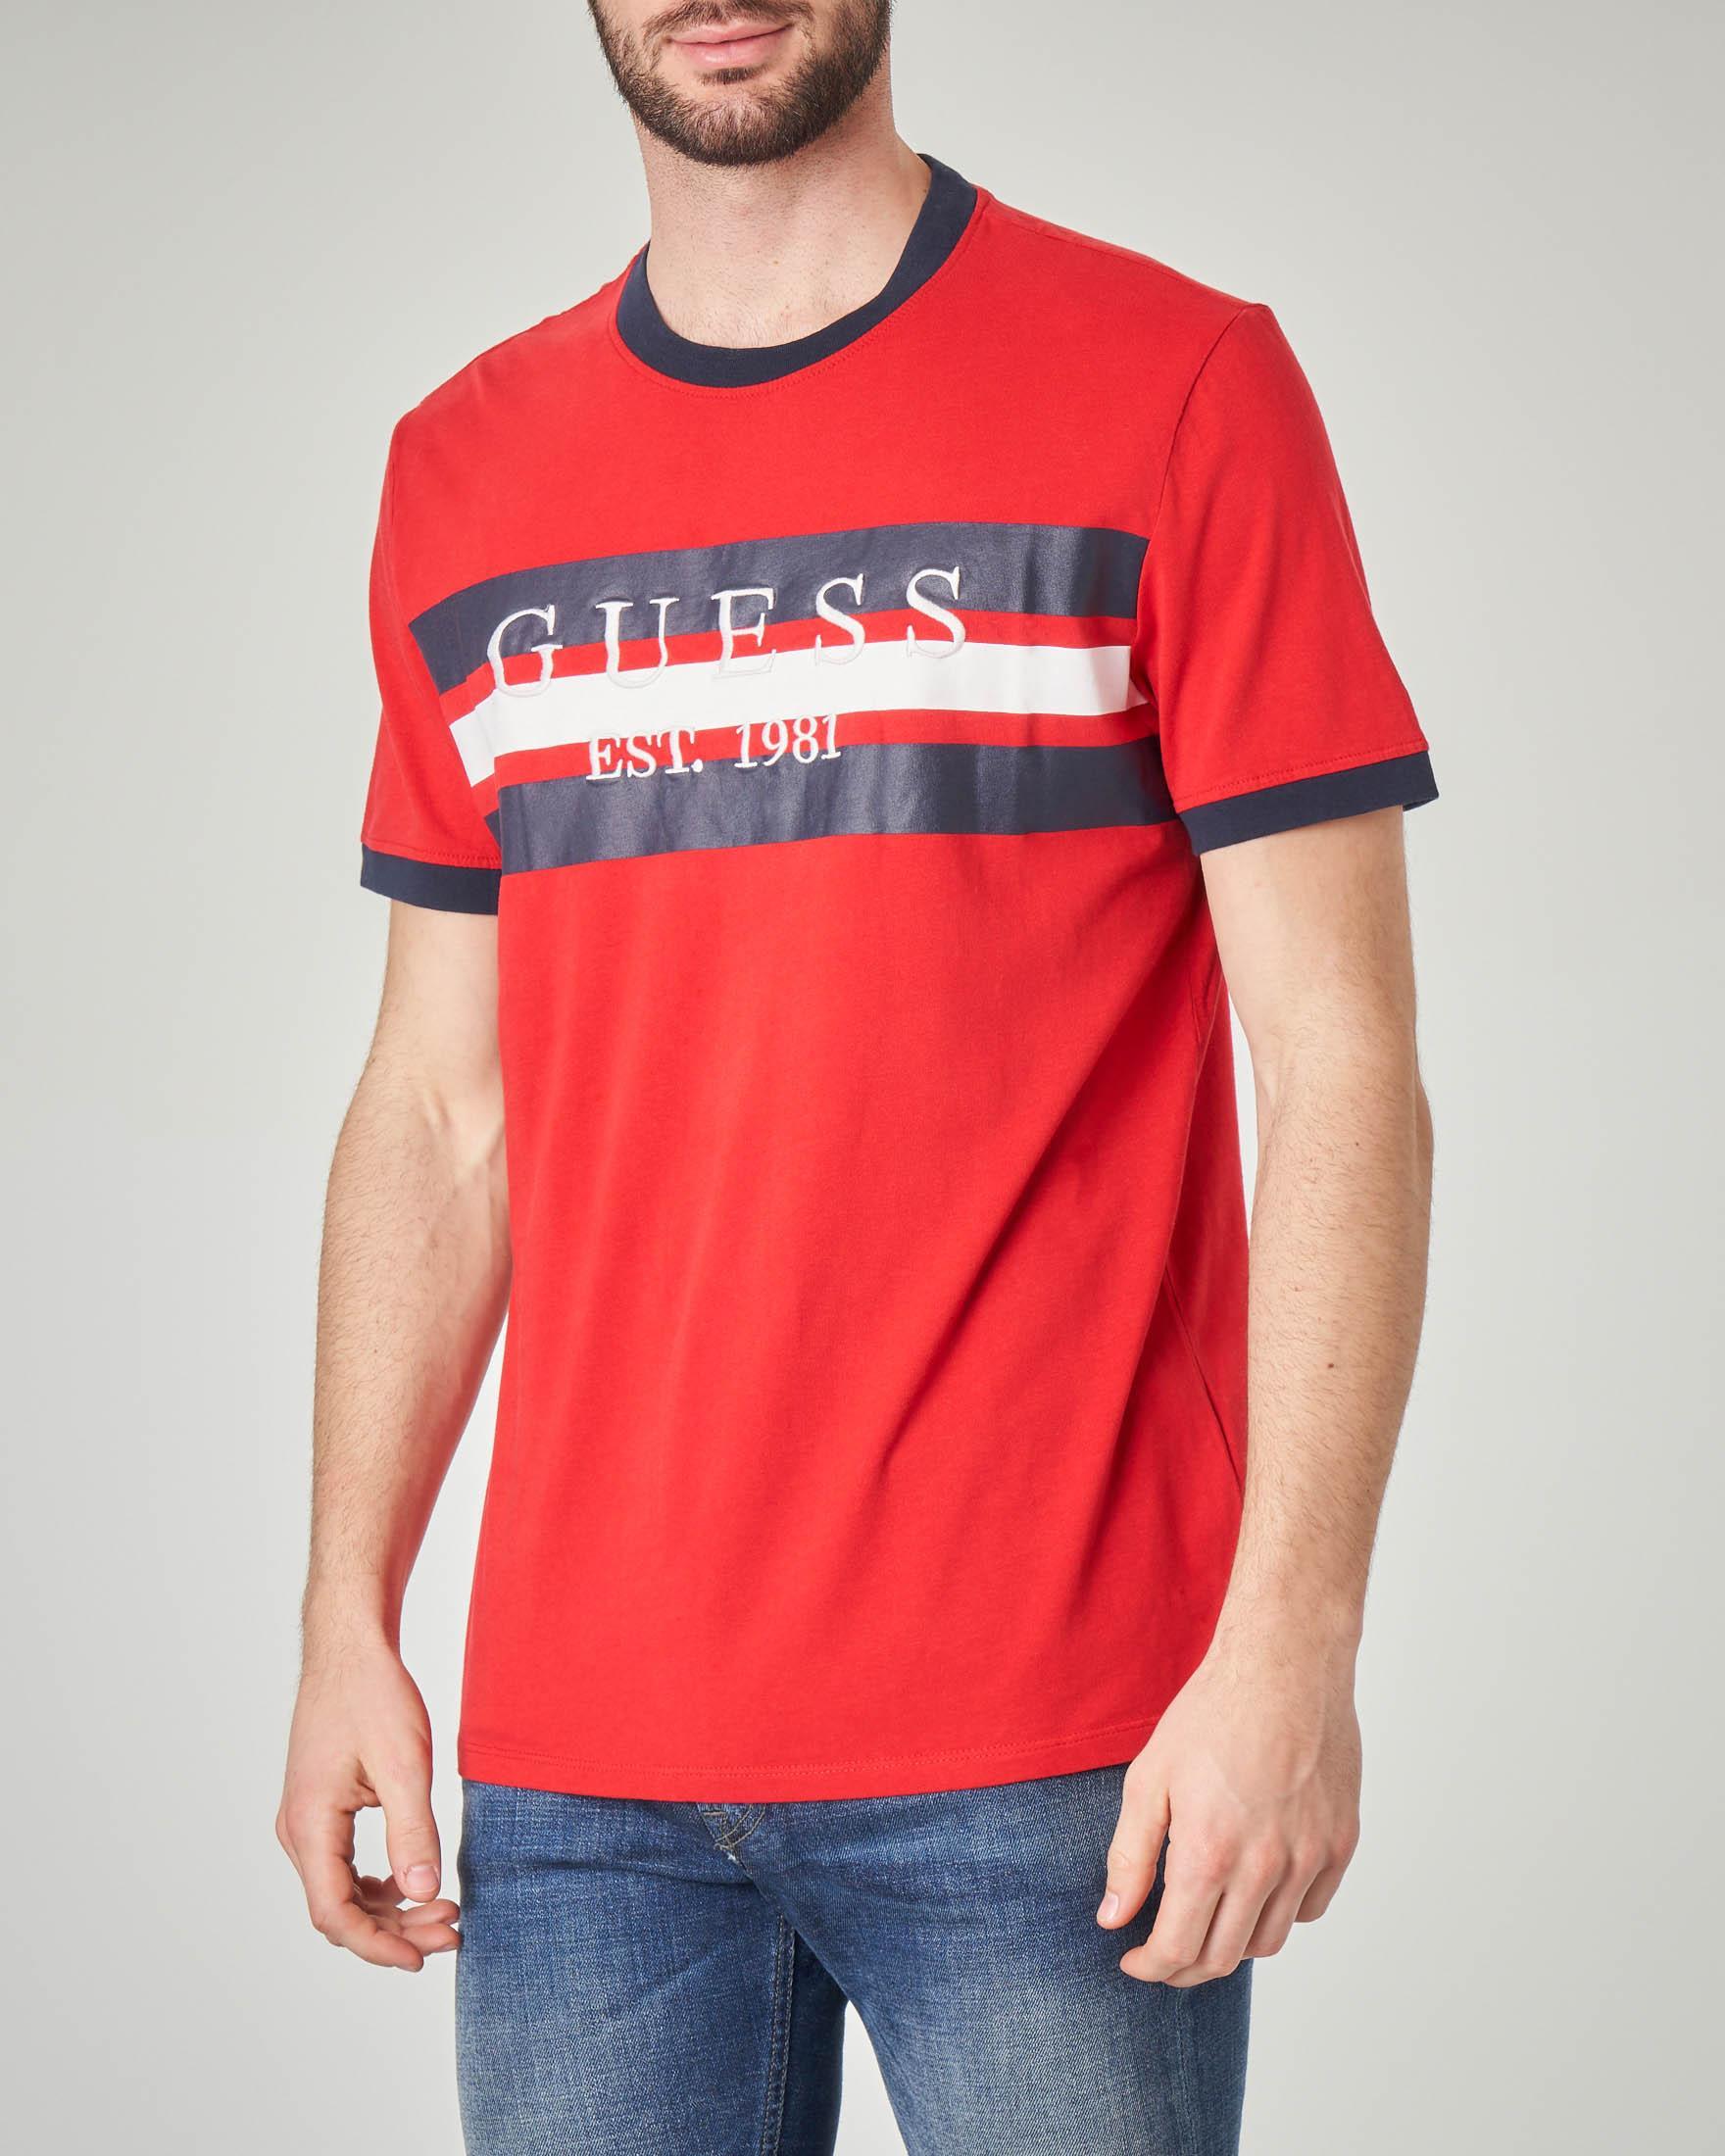 T-shirt rossa con riga bicolore piazzata